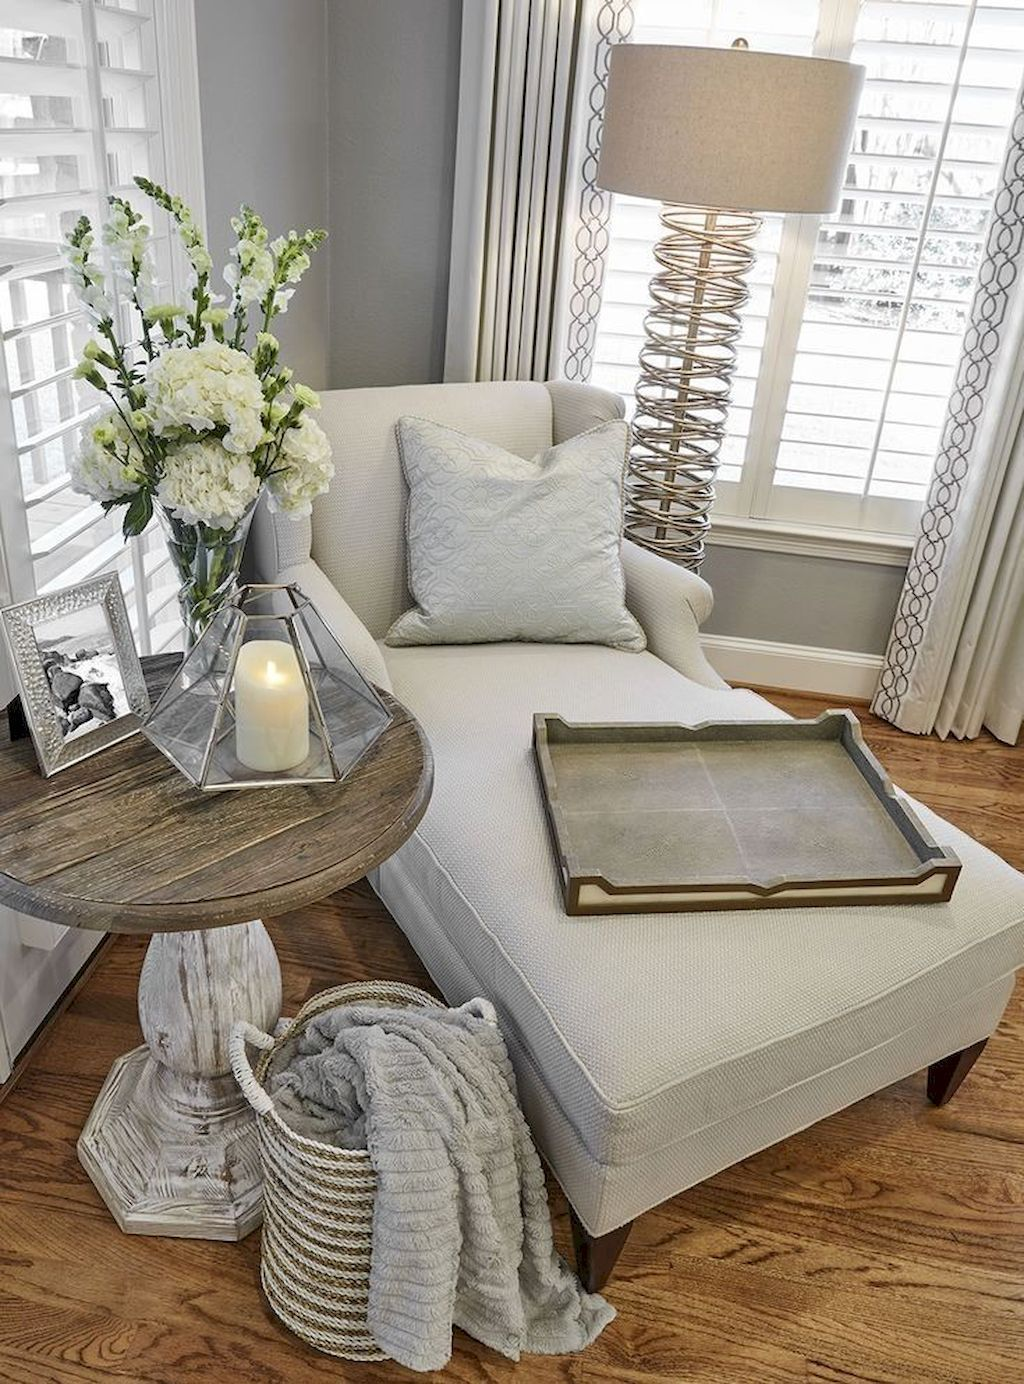 DIY Farmhouse Living Room Decor Part 10 images